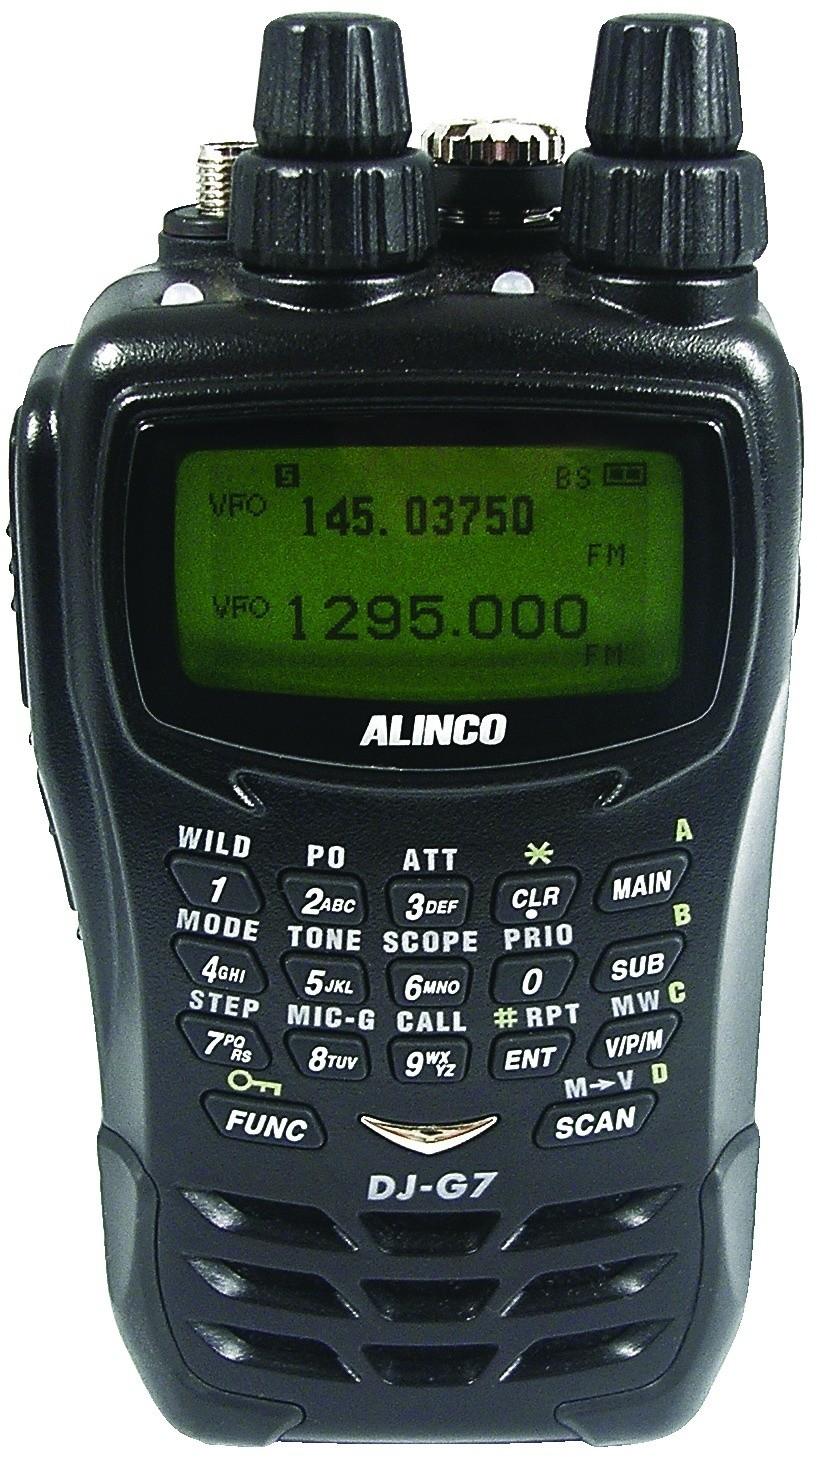 Портативная рация Alinco DJ-G7 портативная рация alinco dj 500